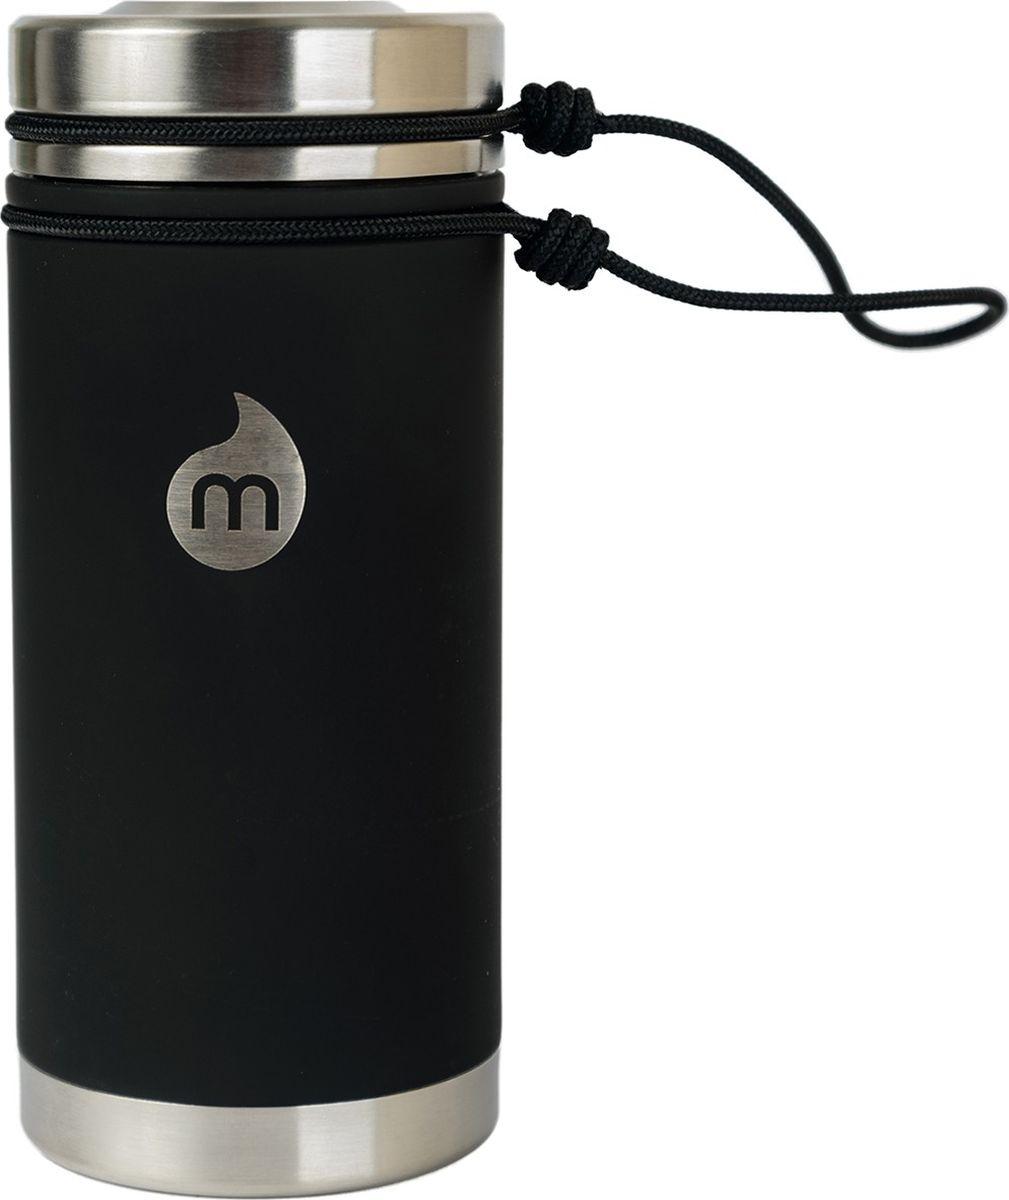 Термобутылка для жидкостей Mizu V5, цвет: черный, 500 млAS009Бутылка Mizu V5 выполнена из нержавеющей стали. Она создана для тех, кто любит брать с собой на работу, например, кофе или чай из дома. Кофейная крышка с дозатором, поэтому такую бутылку можно использовать и как термо-кружку, и как практичный походный термос. Объем: 500 мл. Диаметр: 7,5 см. Высота (с крышкой): 12,6 см. Вес: 263 г.